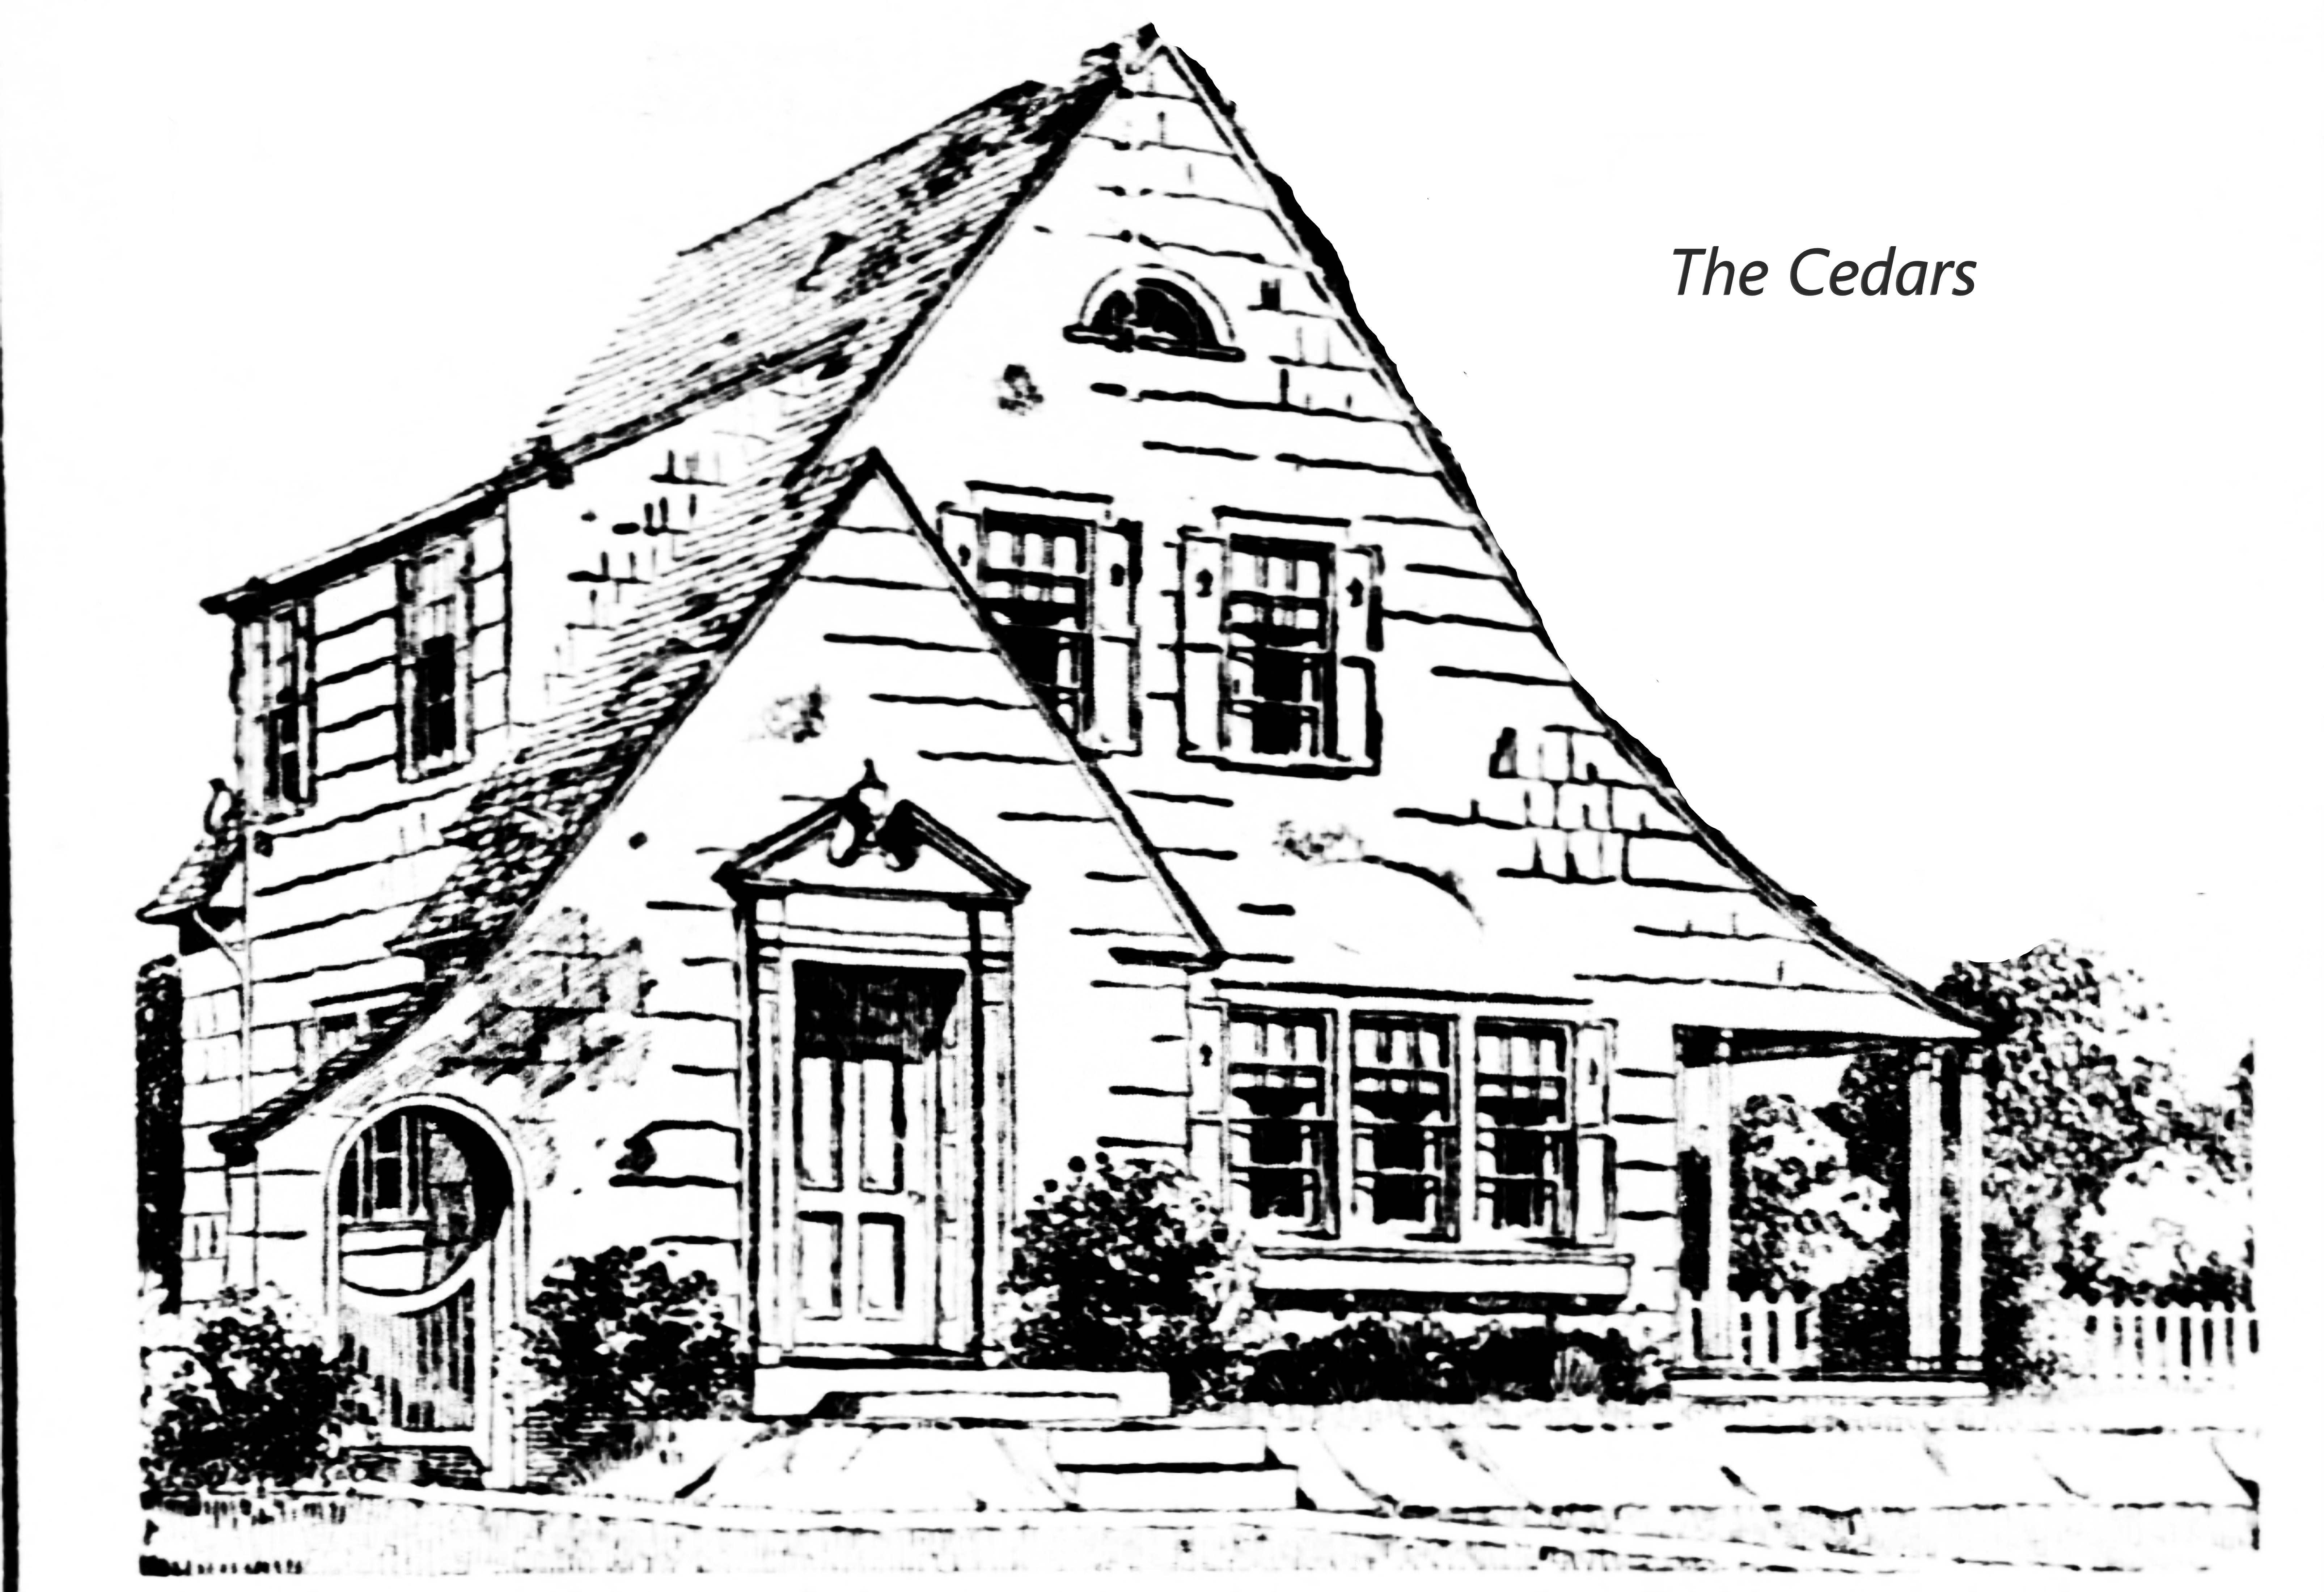 Cedars coloring page